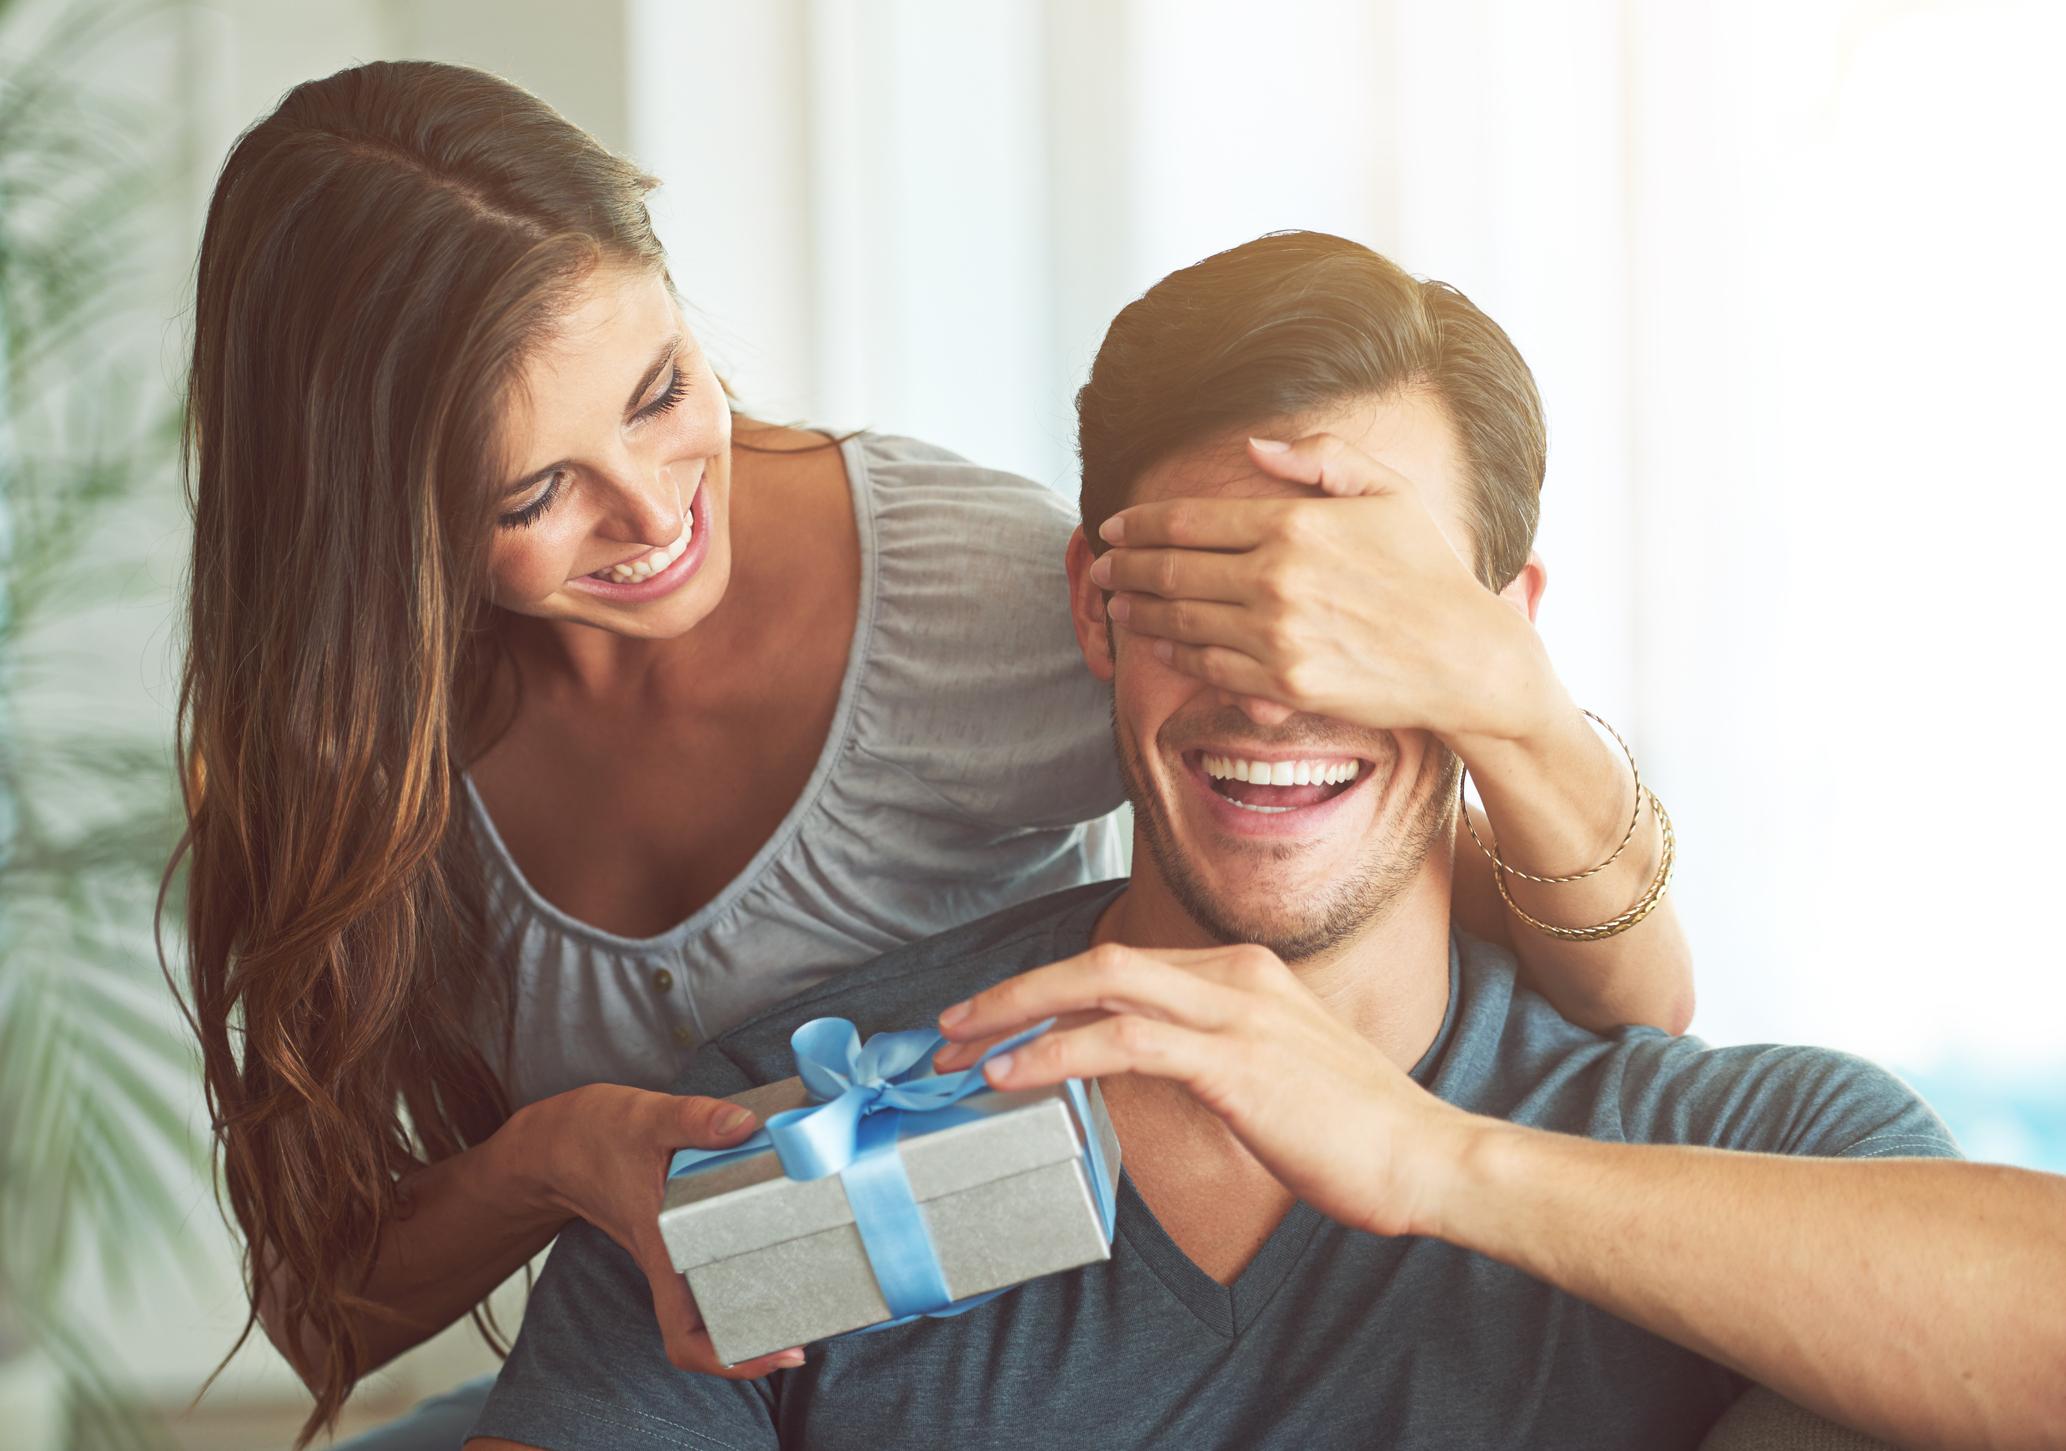 أفكار هدايا رجالية أنيقة وعملية اختاري منها الأفضل لذكرى زواجك!